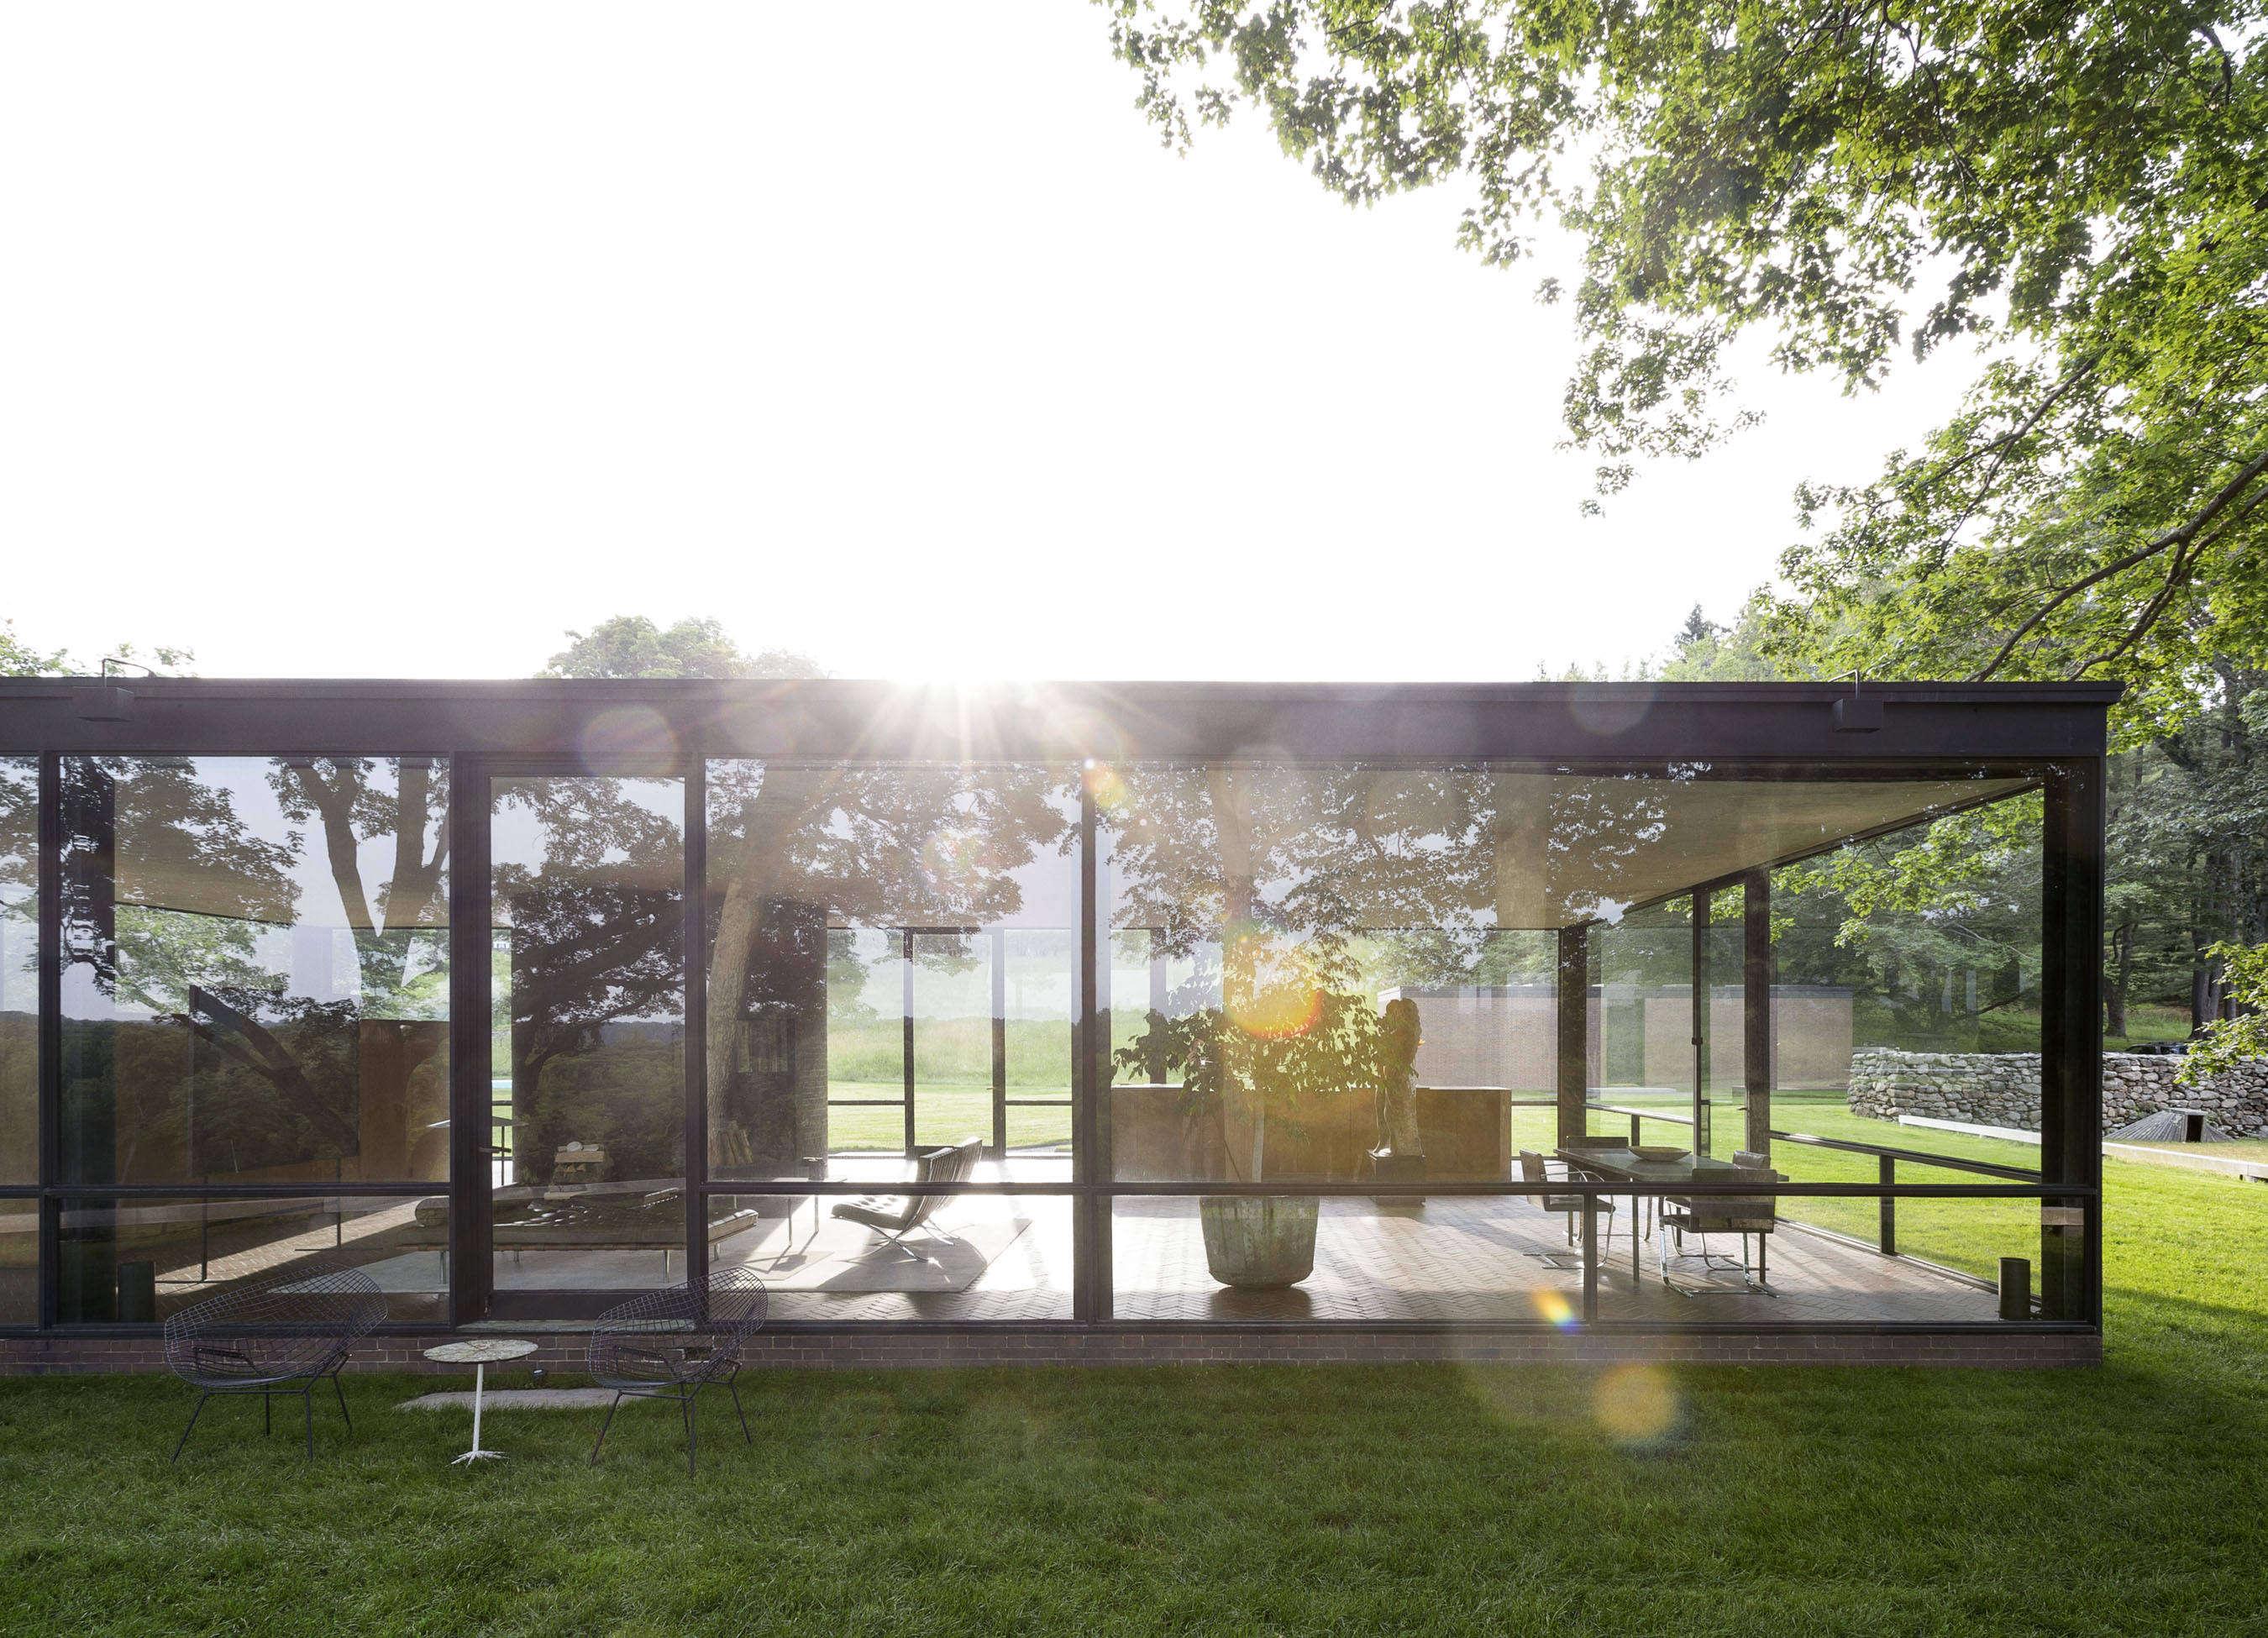 9bceb9621d59 10 Ideas to Steal from Midcentury Modern Gardens - Gardenista